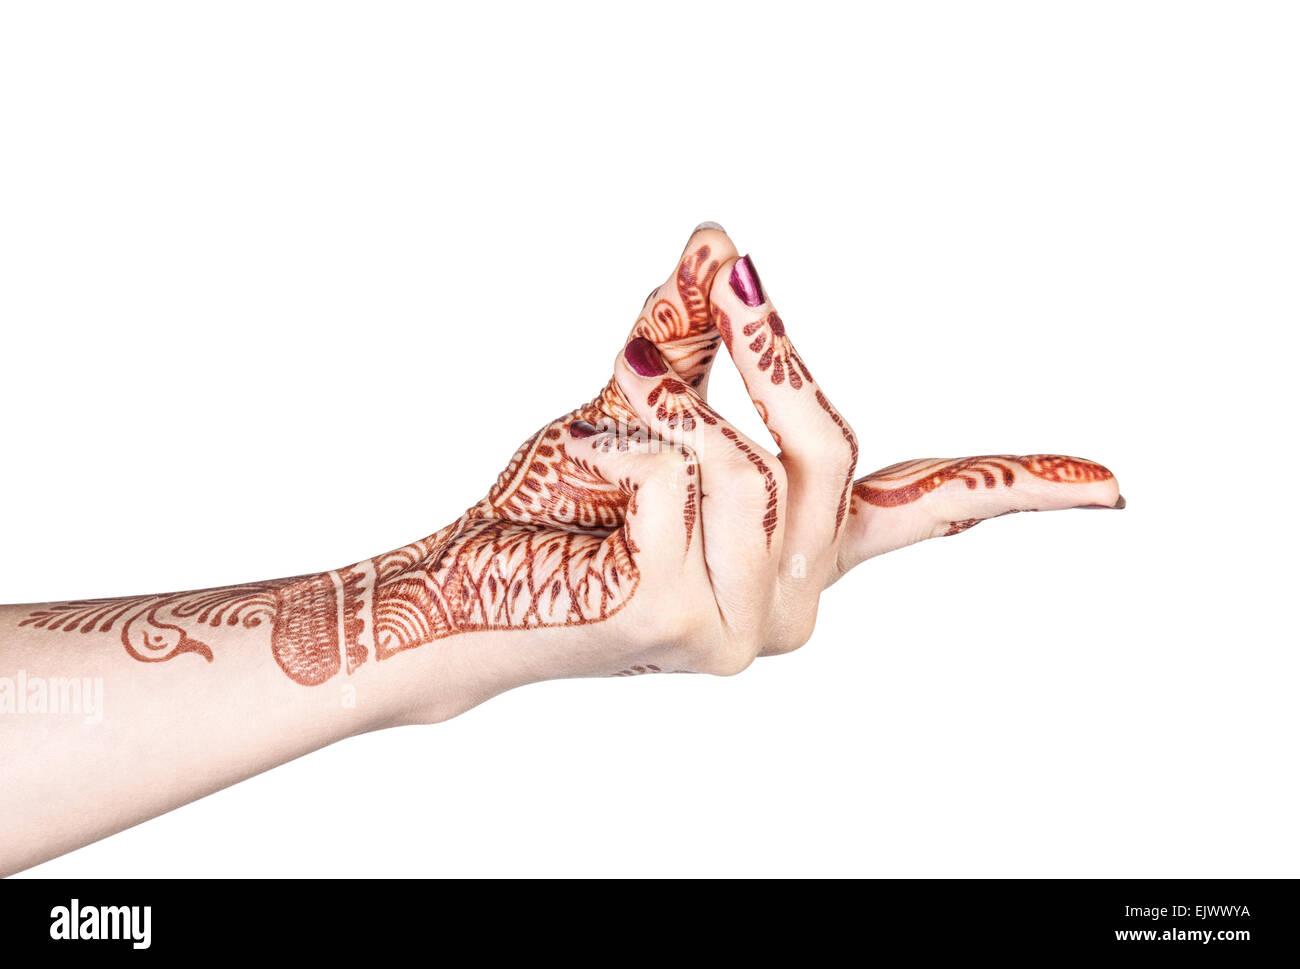 La femme de henné faire mudra bronchique isolé sur fond blanc avec clipping path Photo Stock